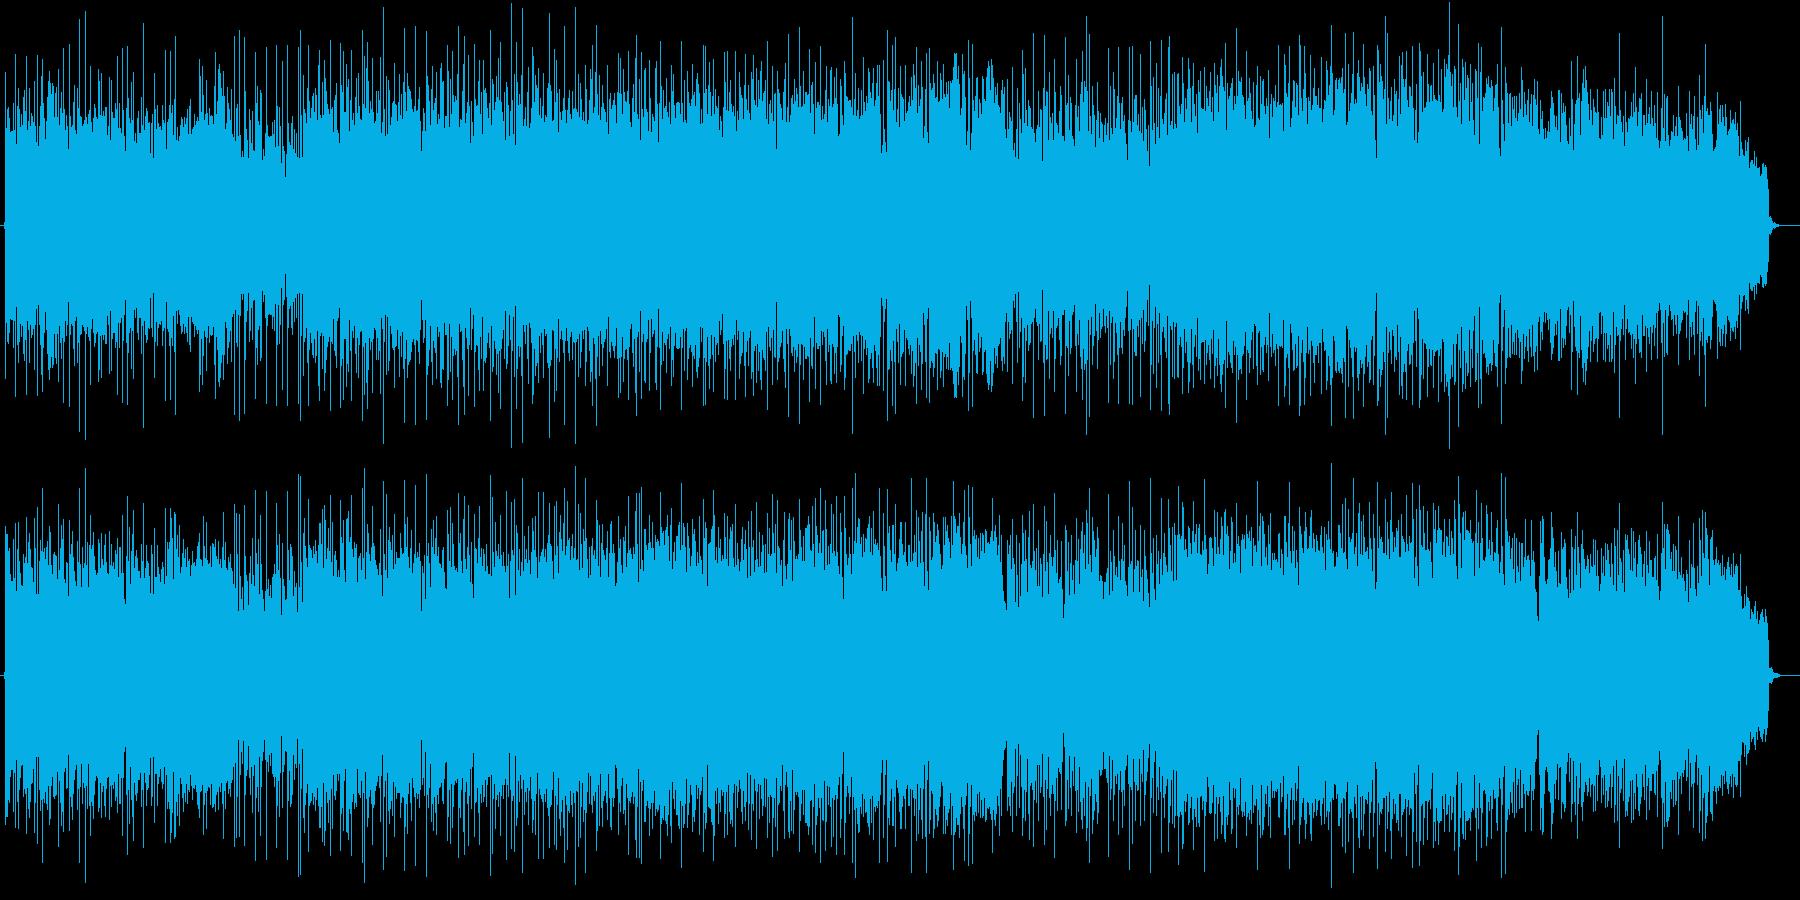 明るくて激しいフュージョンポップスの再生済みの波形